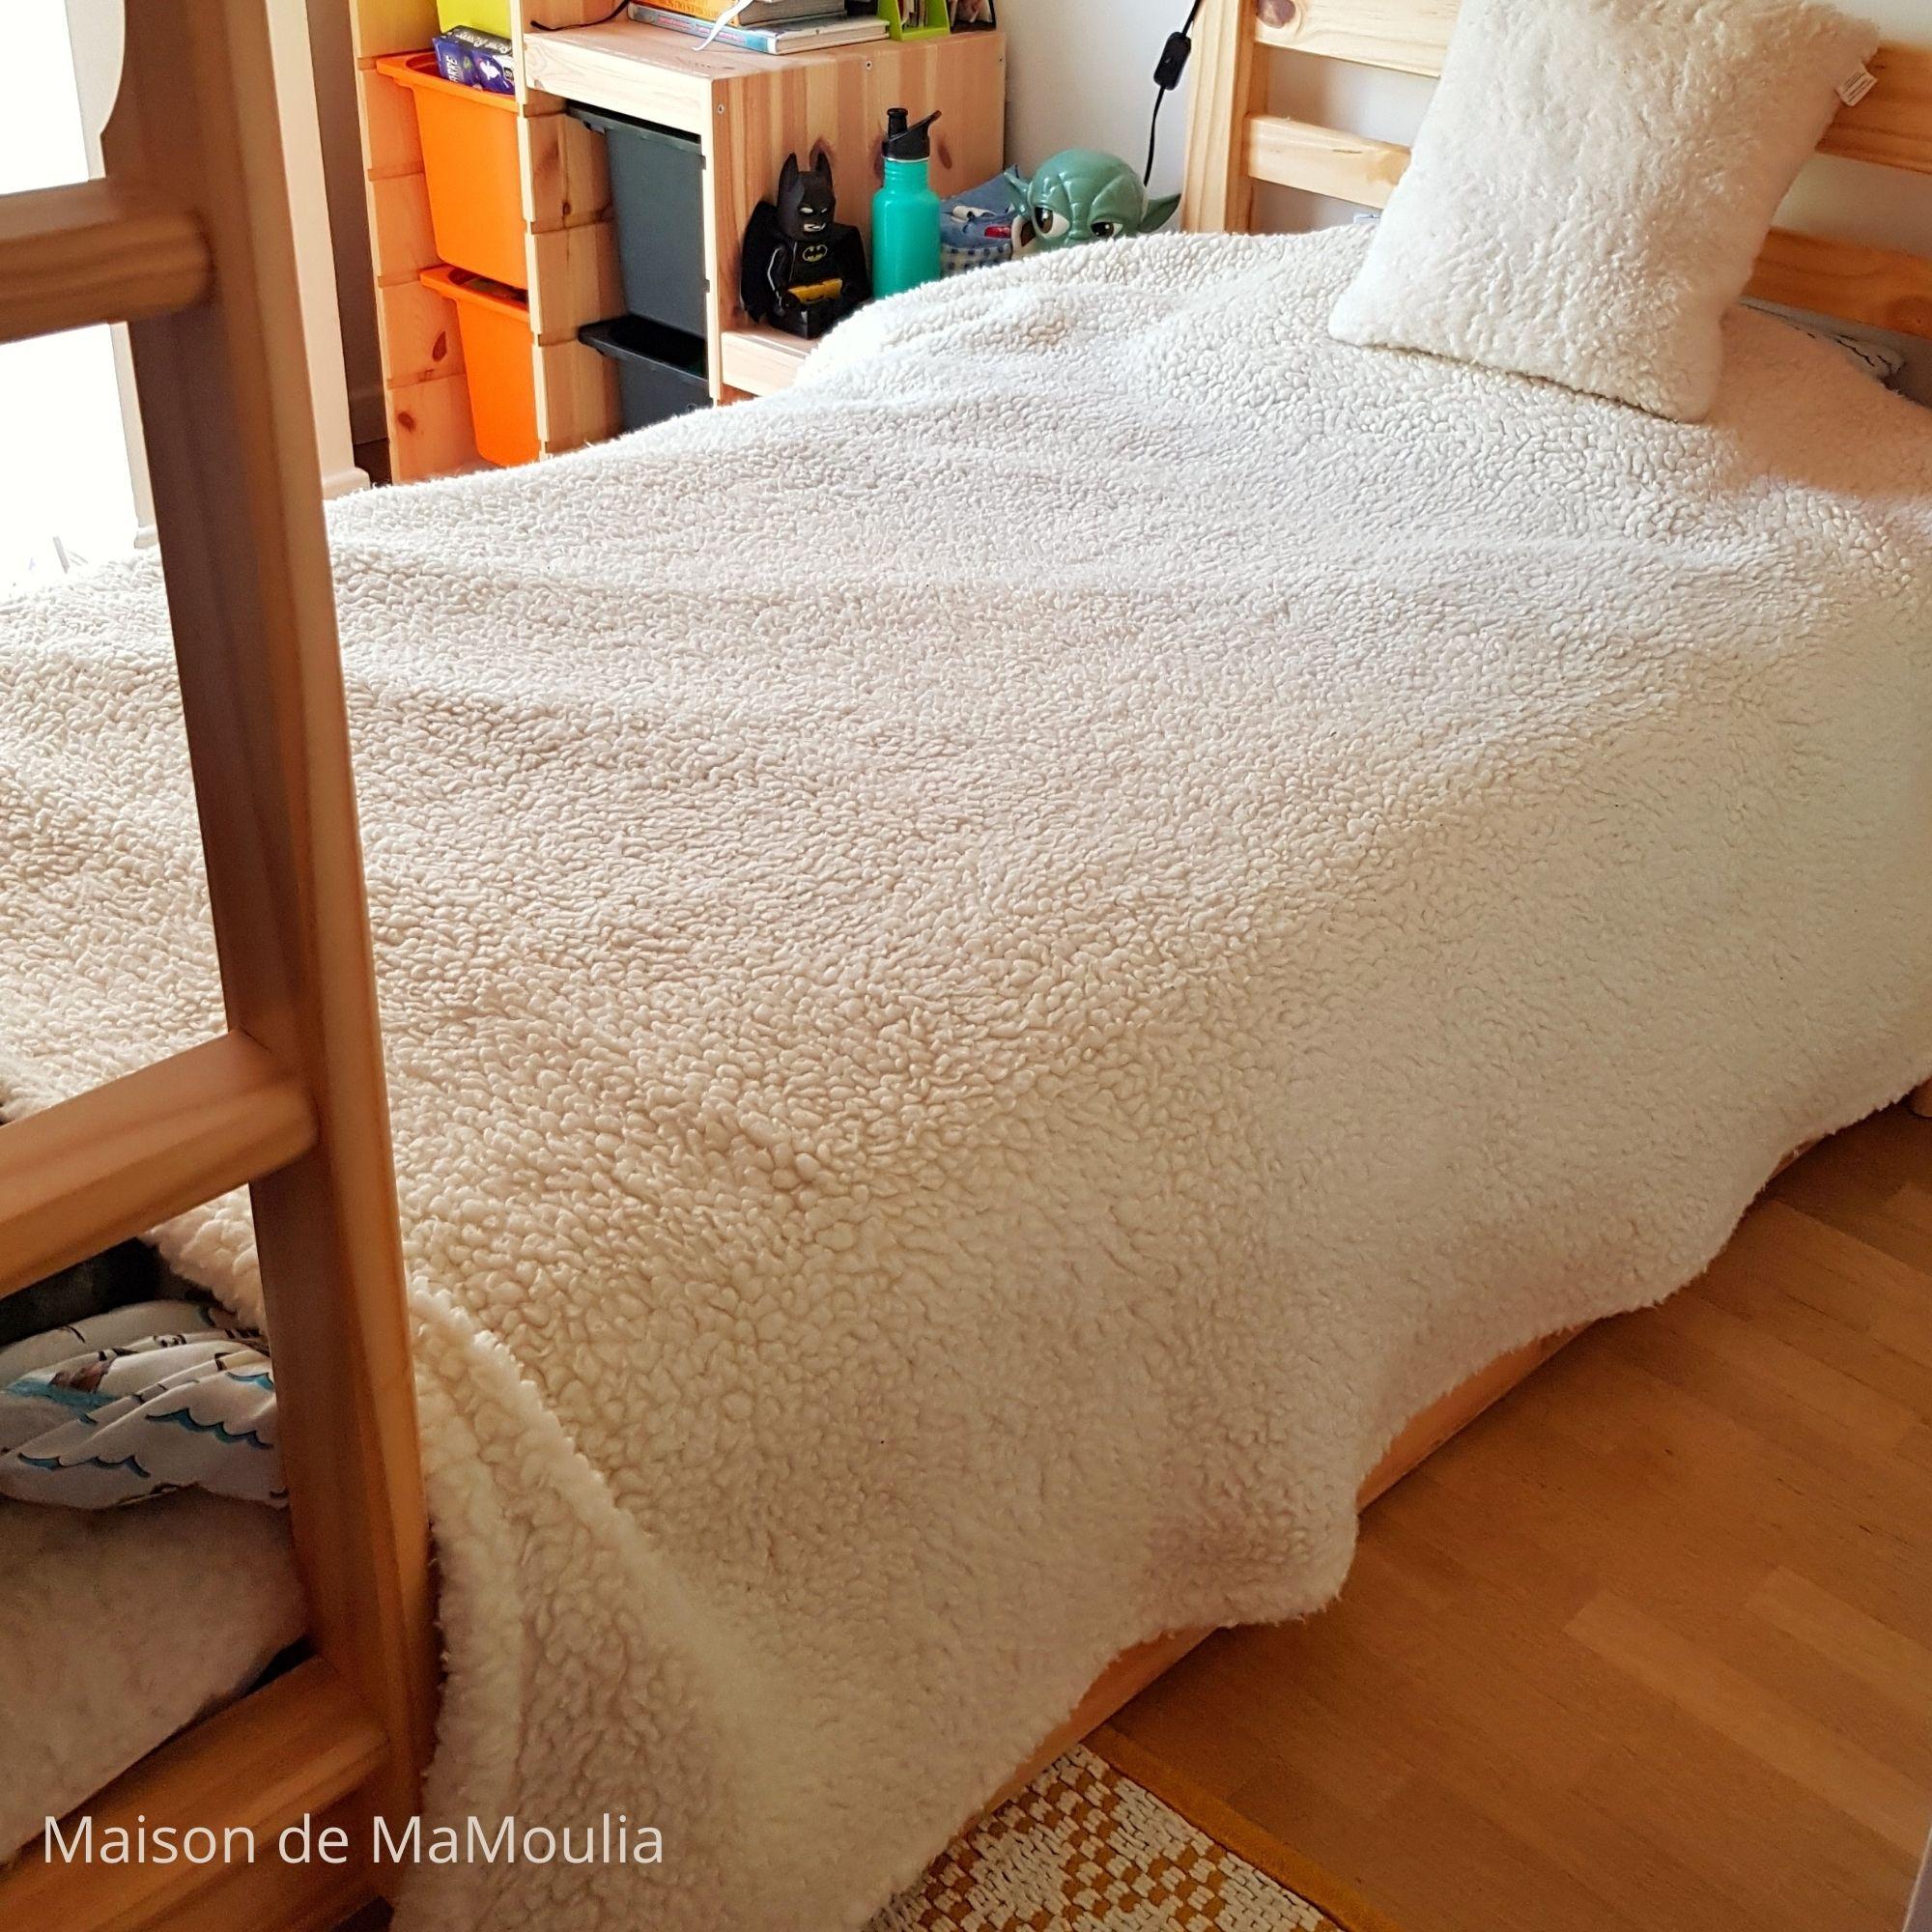 SALING - Grande couverture - pure laine - 150x190 cm